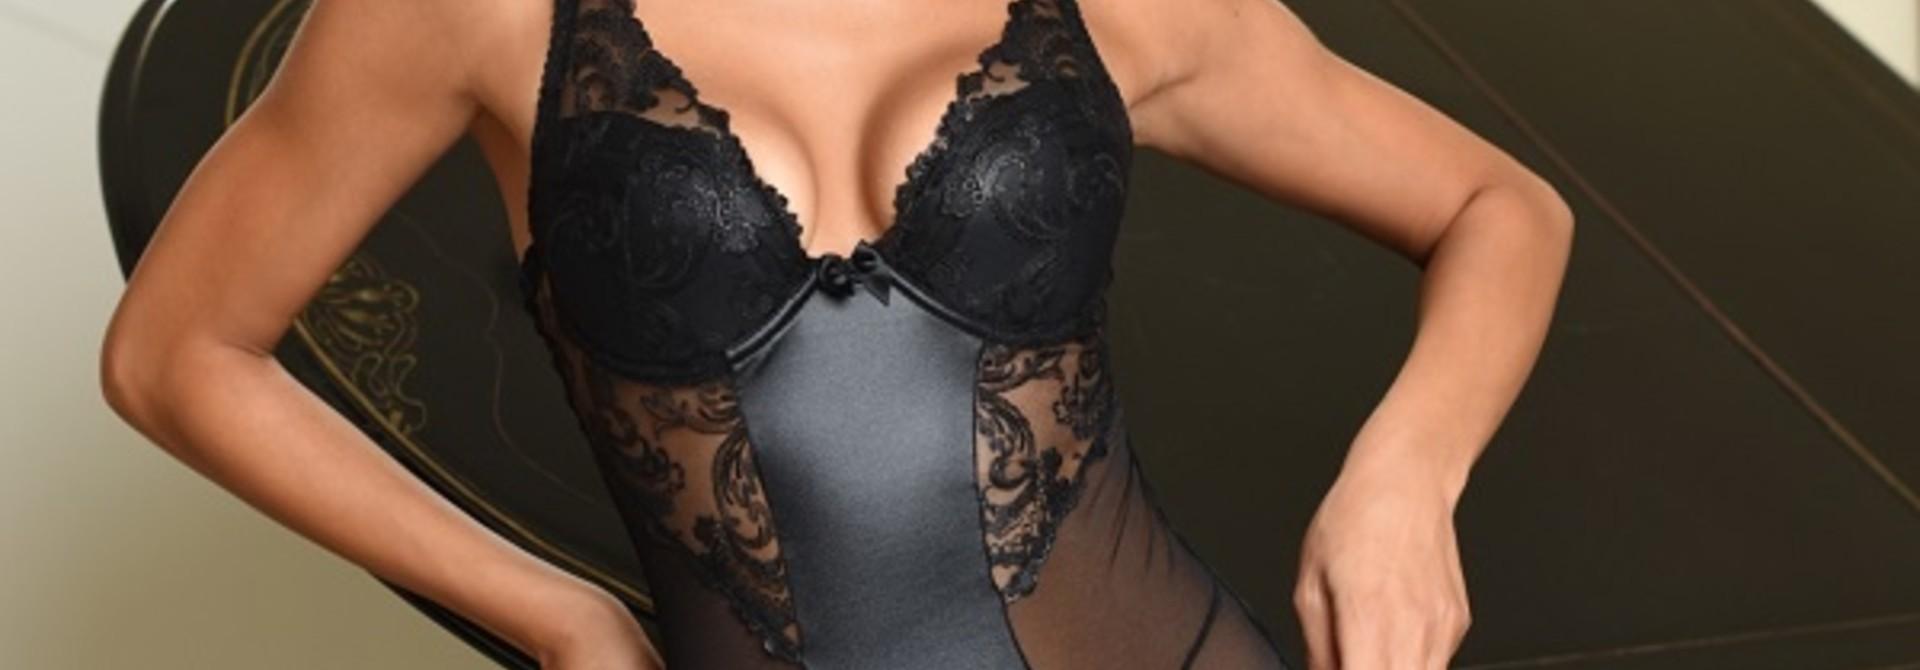 Sexy zwarte lingeriebody Misty